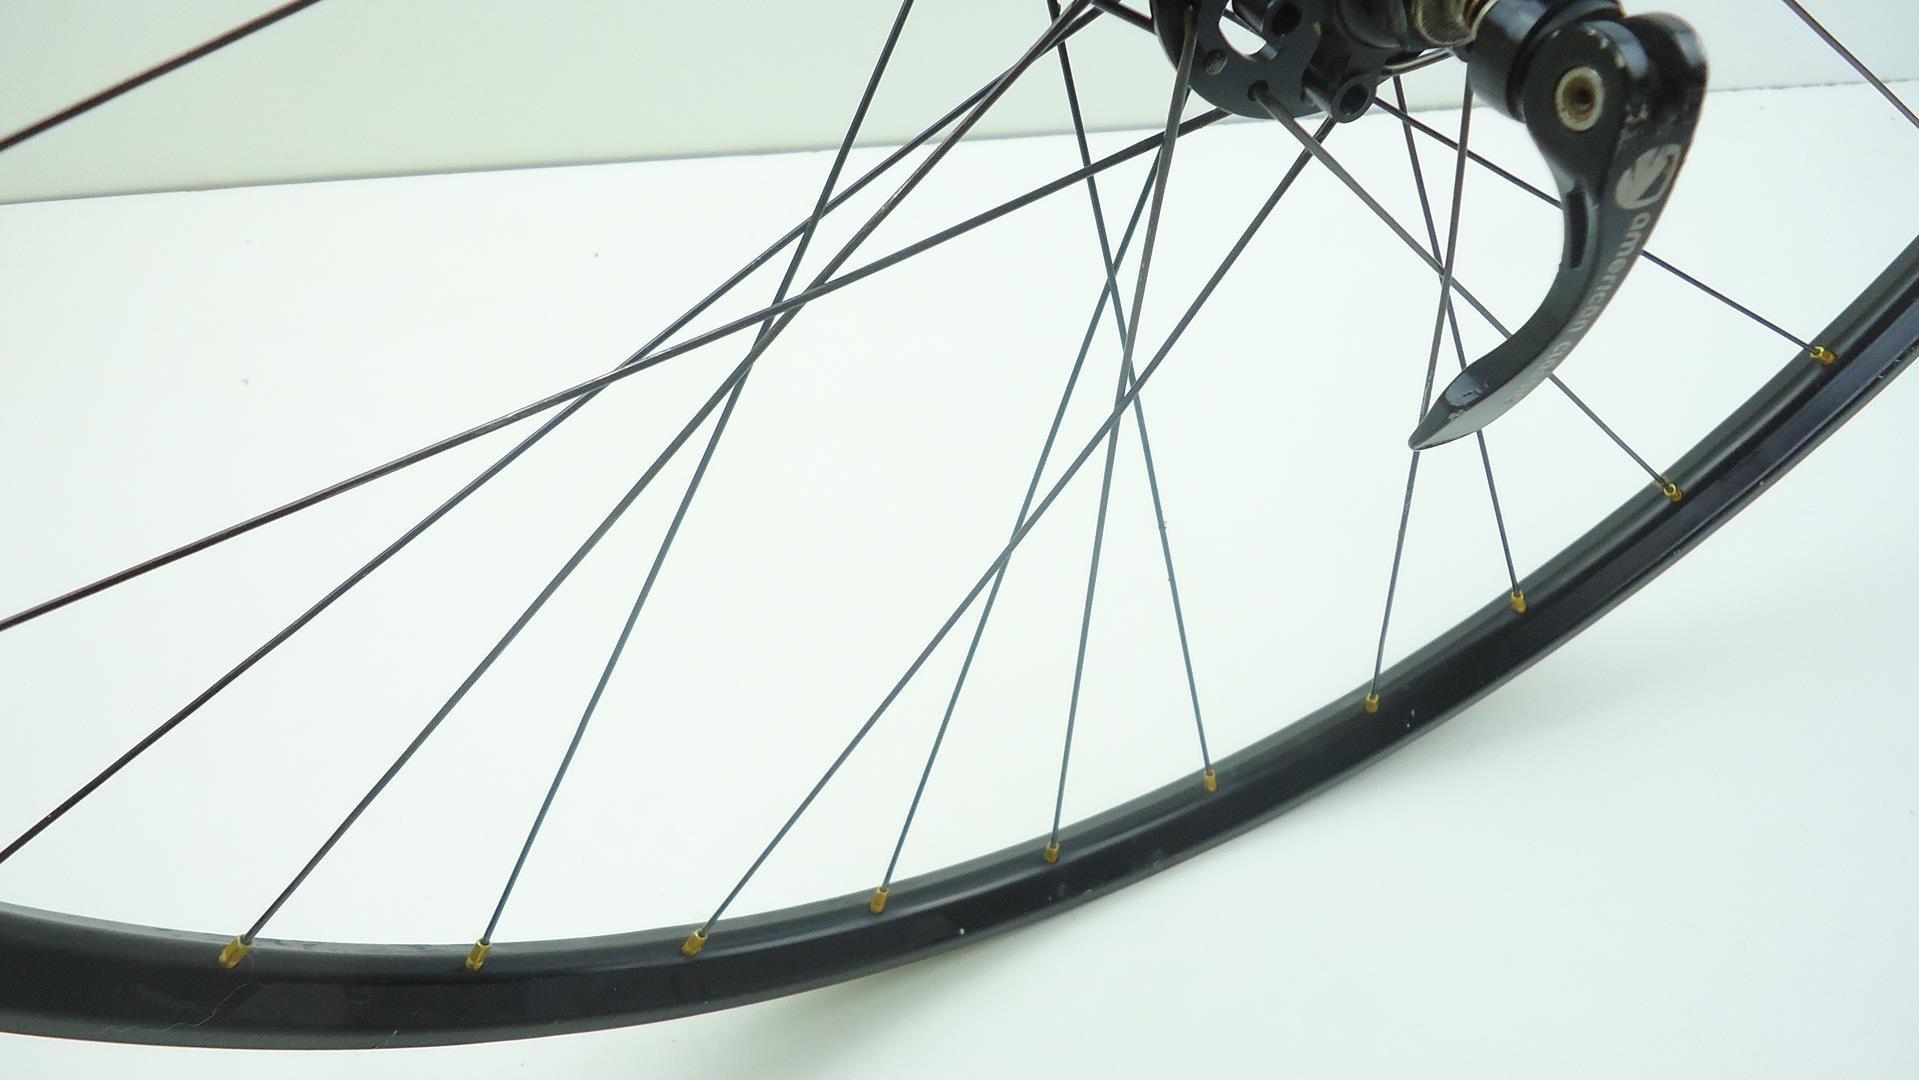 Roda Dianteira Bicicleta MTB ZTR Crest com Cubo American Classic Eixo 9mm - USADO